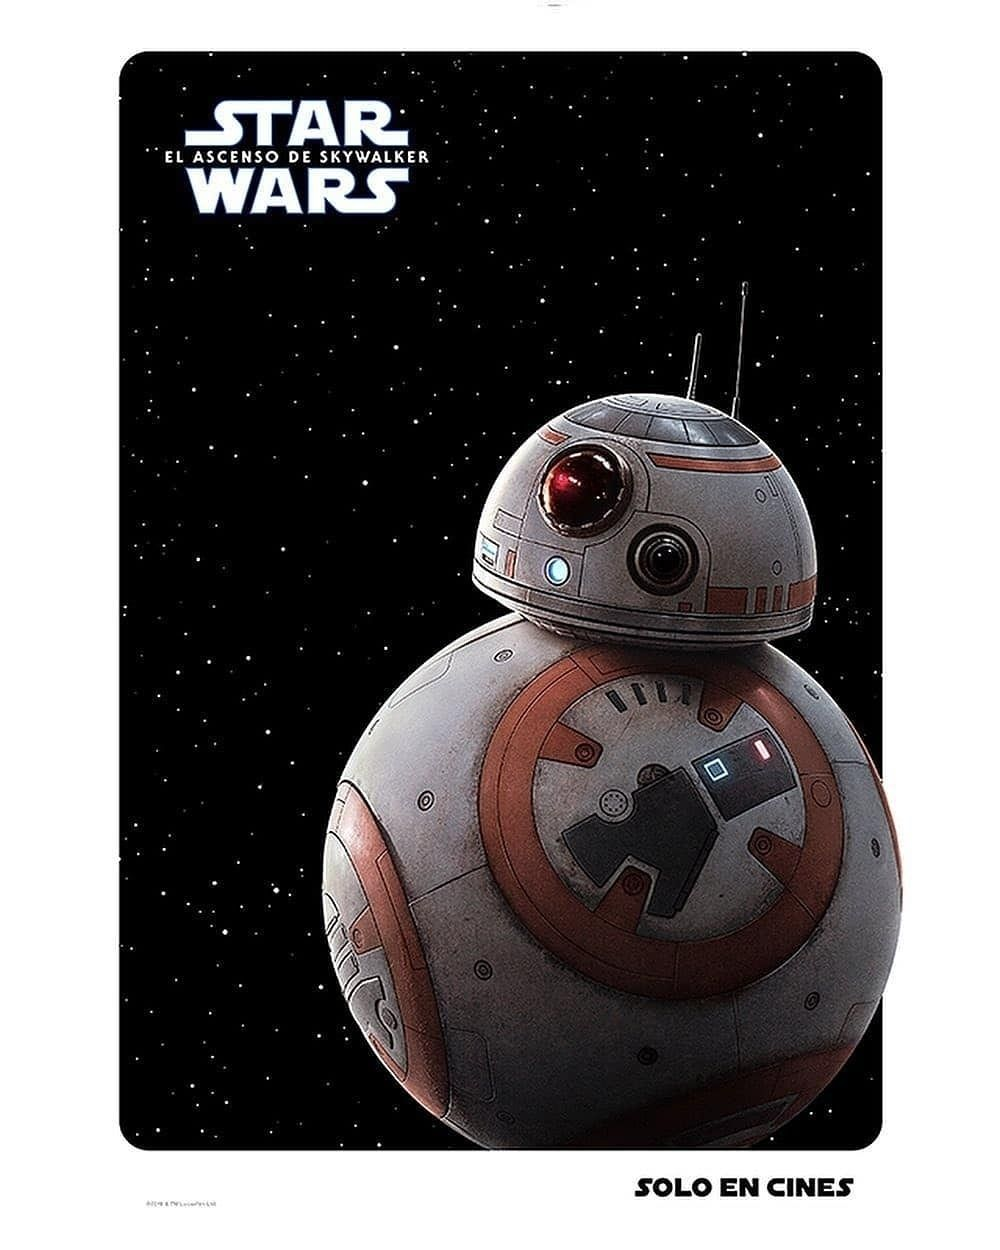 Star Wars El Ascenso De Skywalker Posters De Personajes Star Wars Solo En Cines Personajes